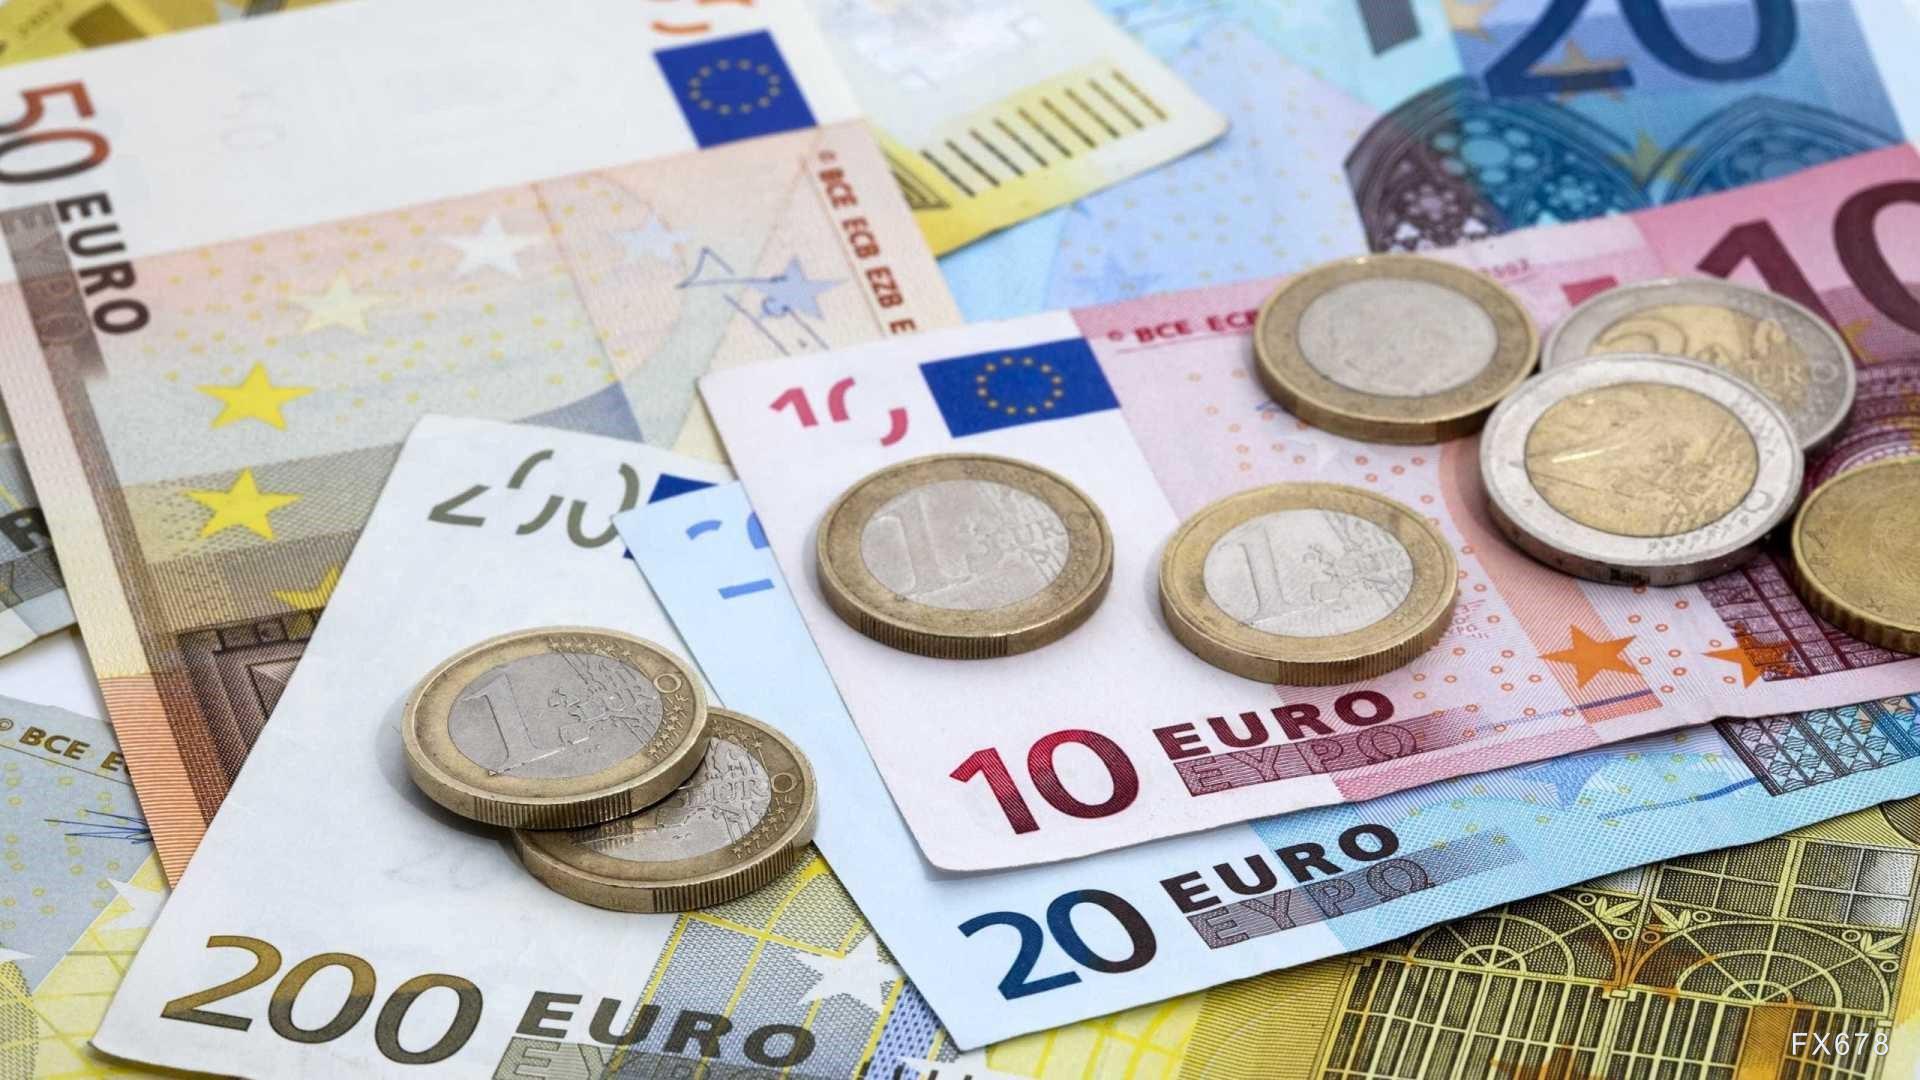 欧元兑美元走势分析:涨势基本结束 后市以逢高沽空为主